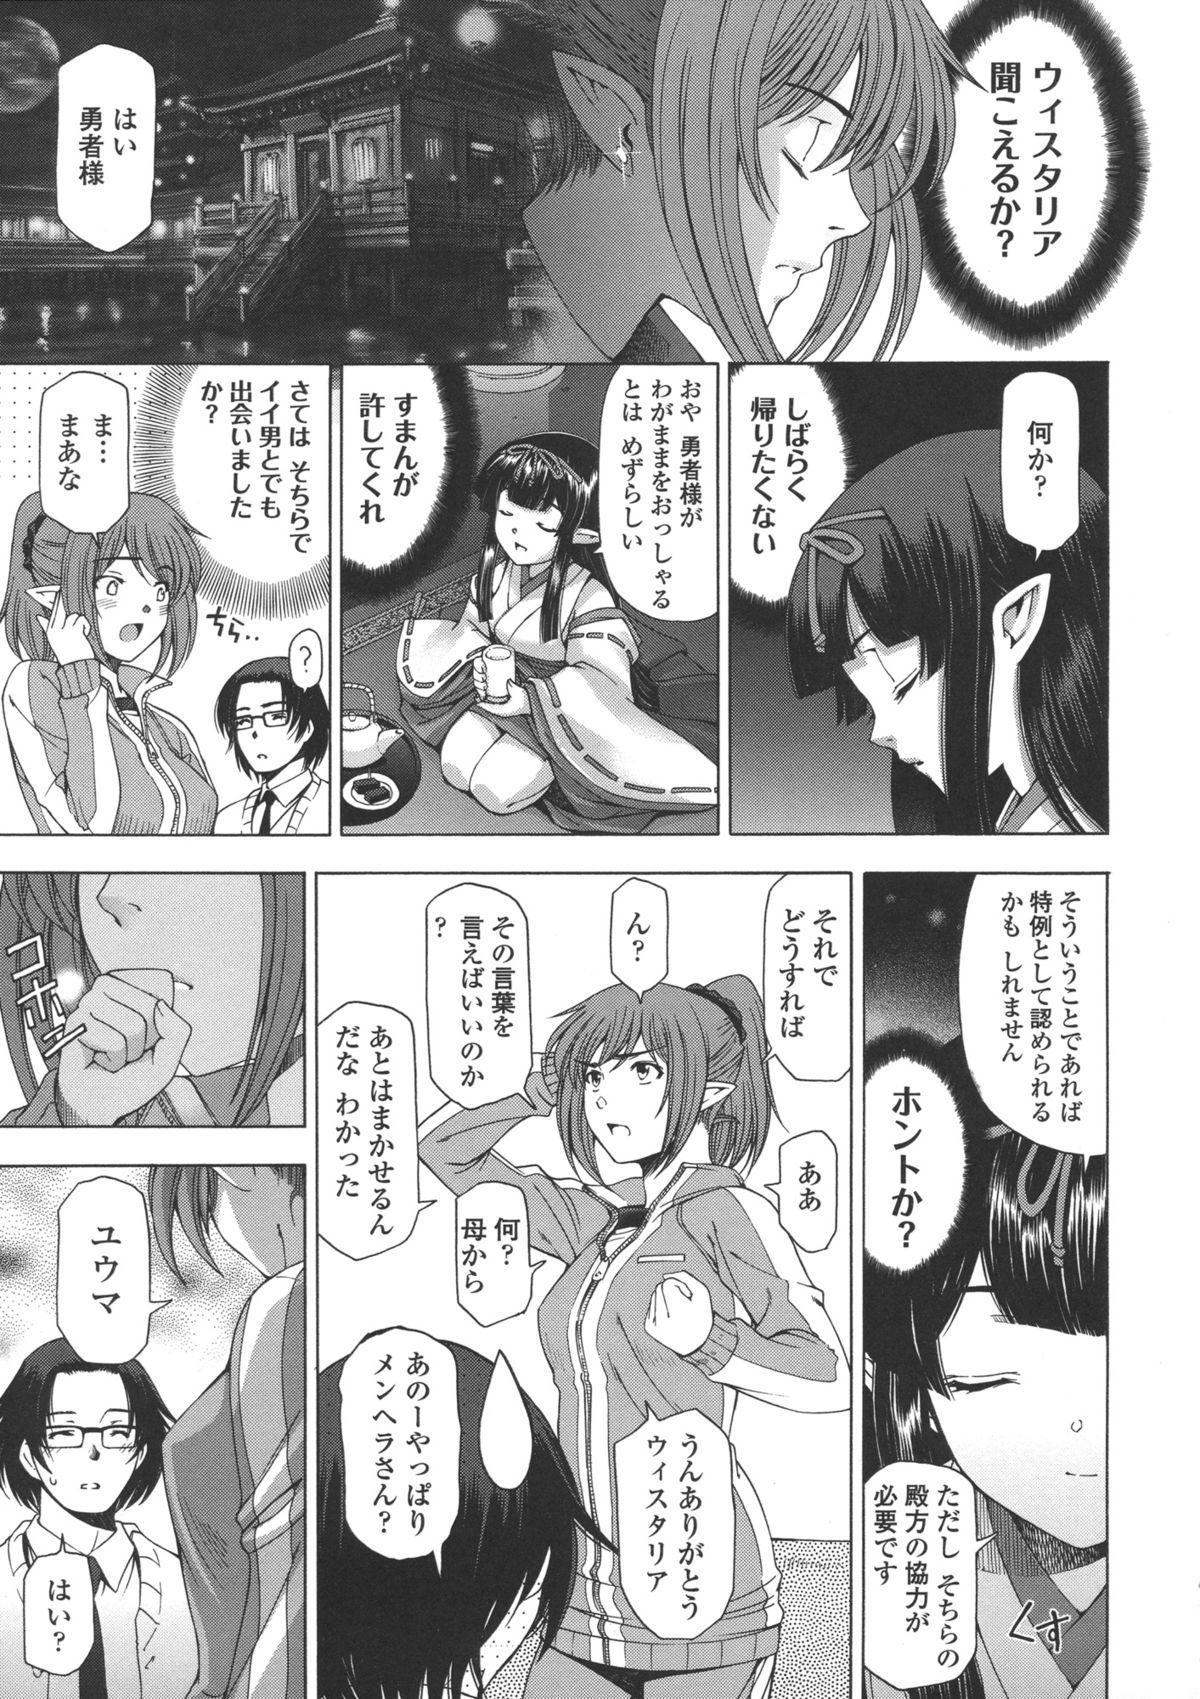 Ane wa Shota o Suki ni Naru 185